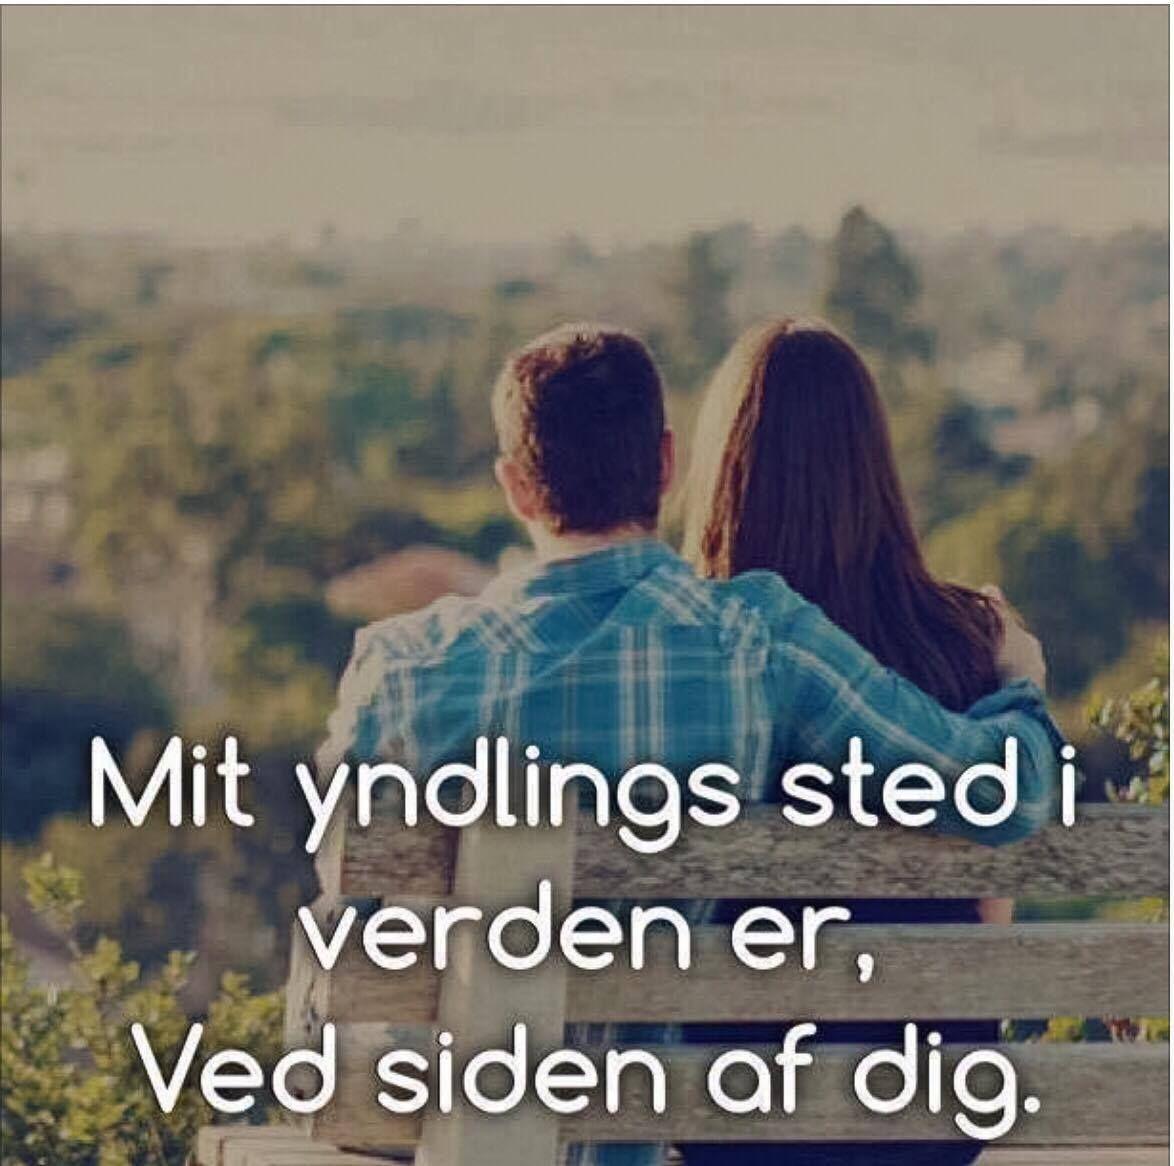 kærligheds citater Billedresultat for kærligheds citater | Danish language  kærligheds citater